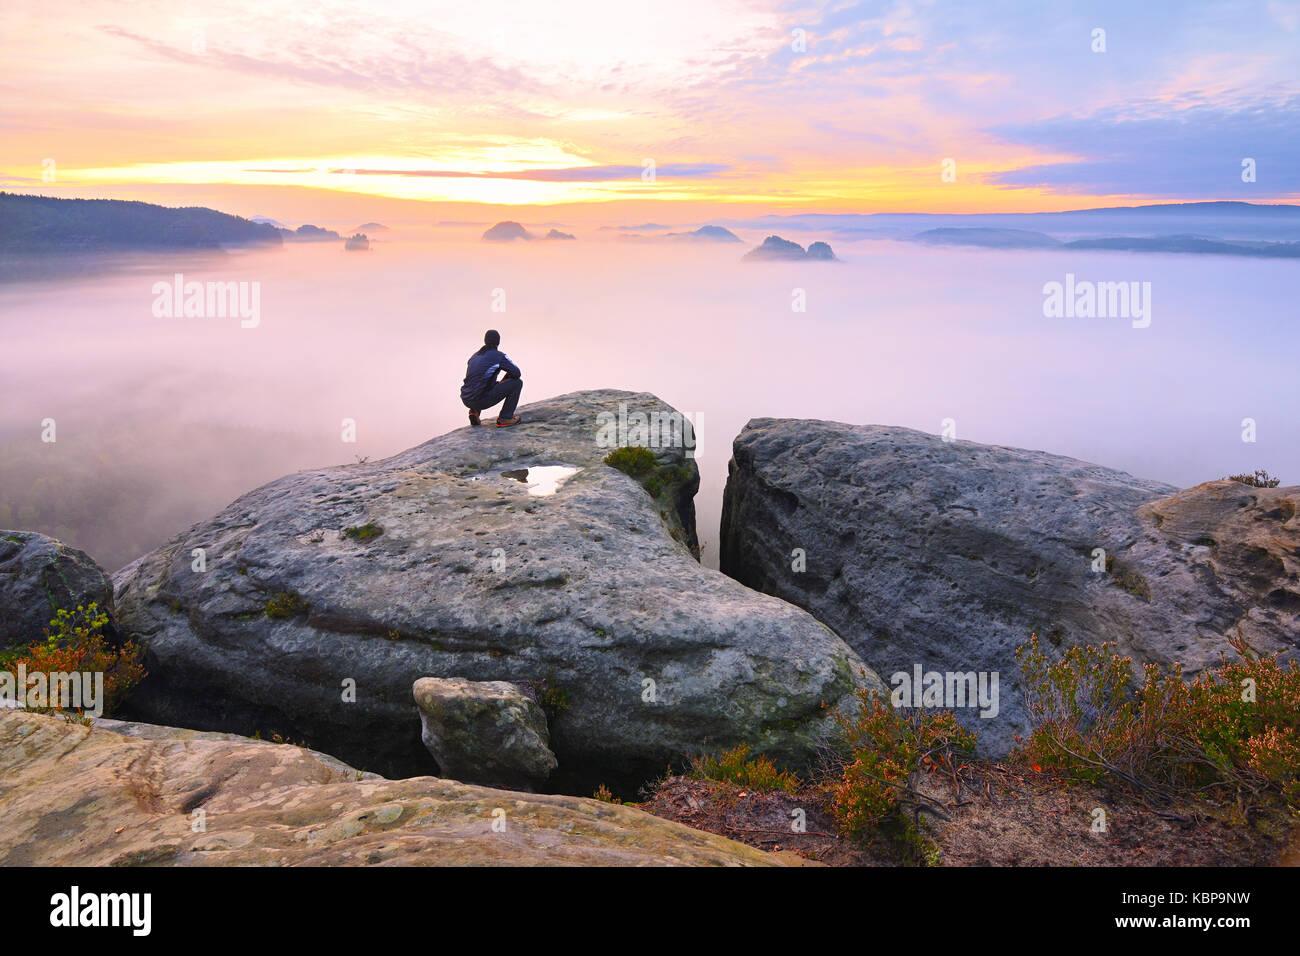 Scharfe hinten Mann Silhouette auf felsigen Gipfel. Wanderer befriedigen Aussicht genießen. Großer Mann Stockbild